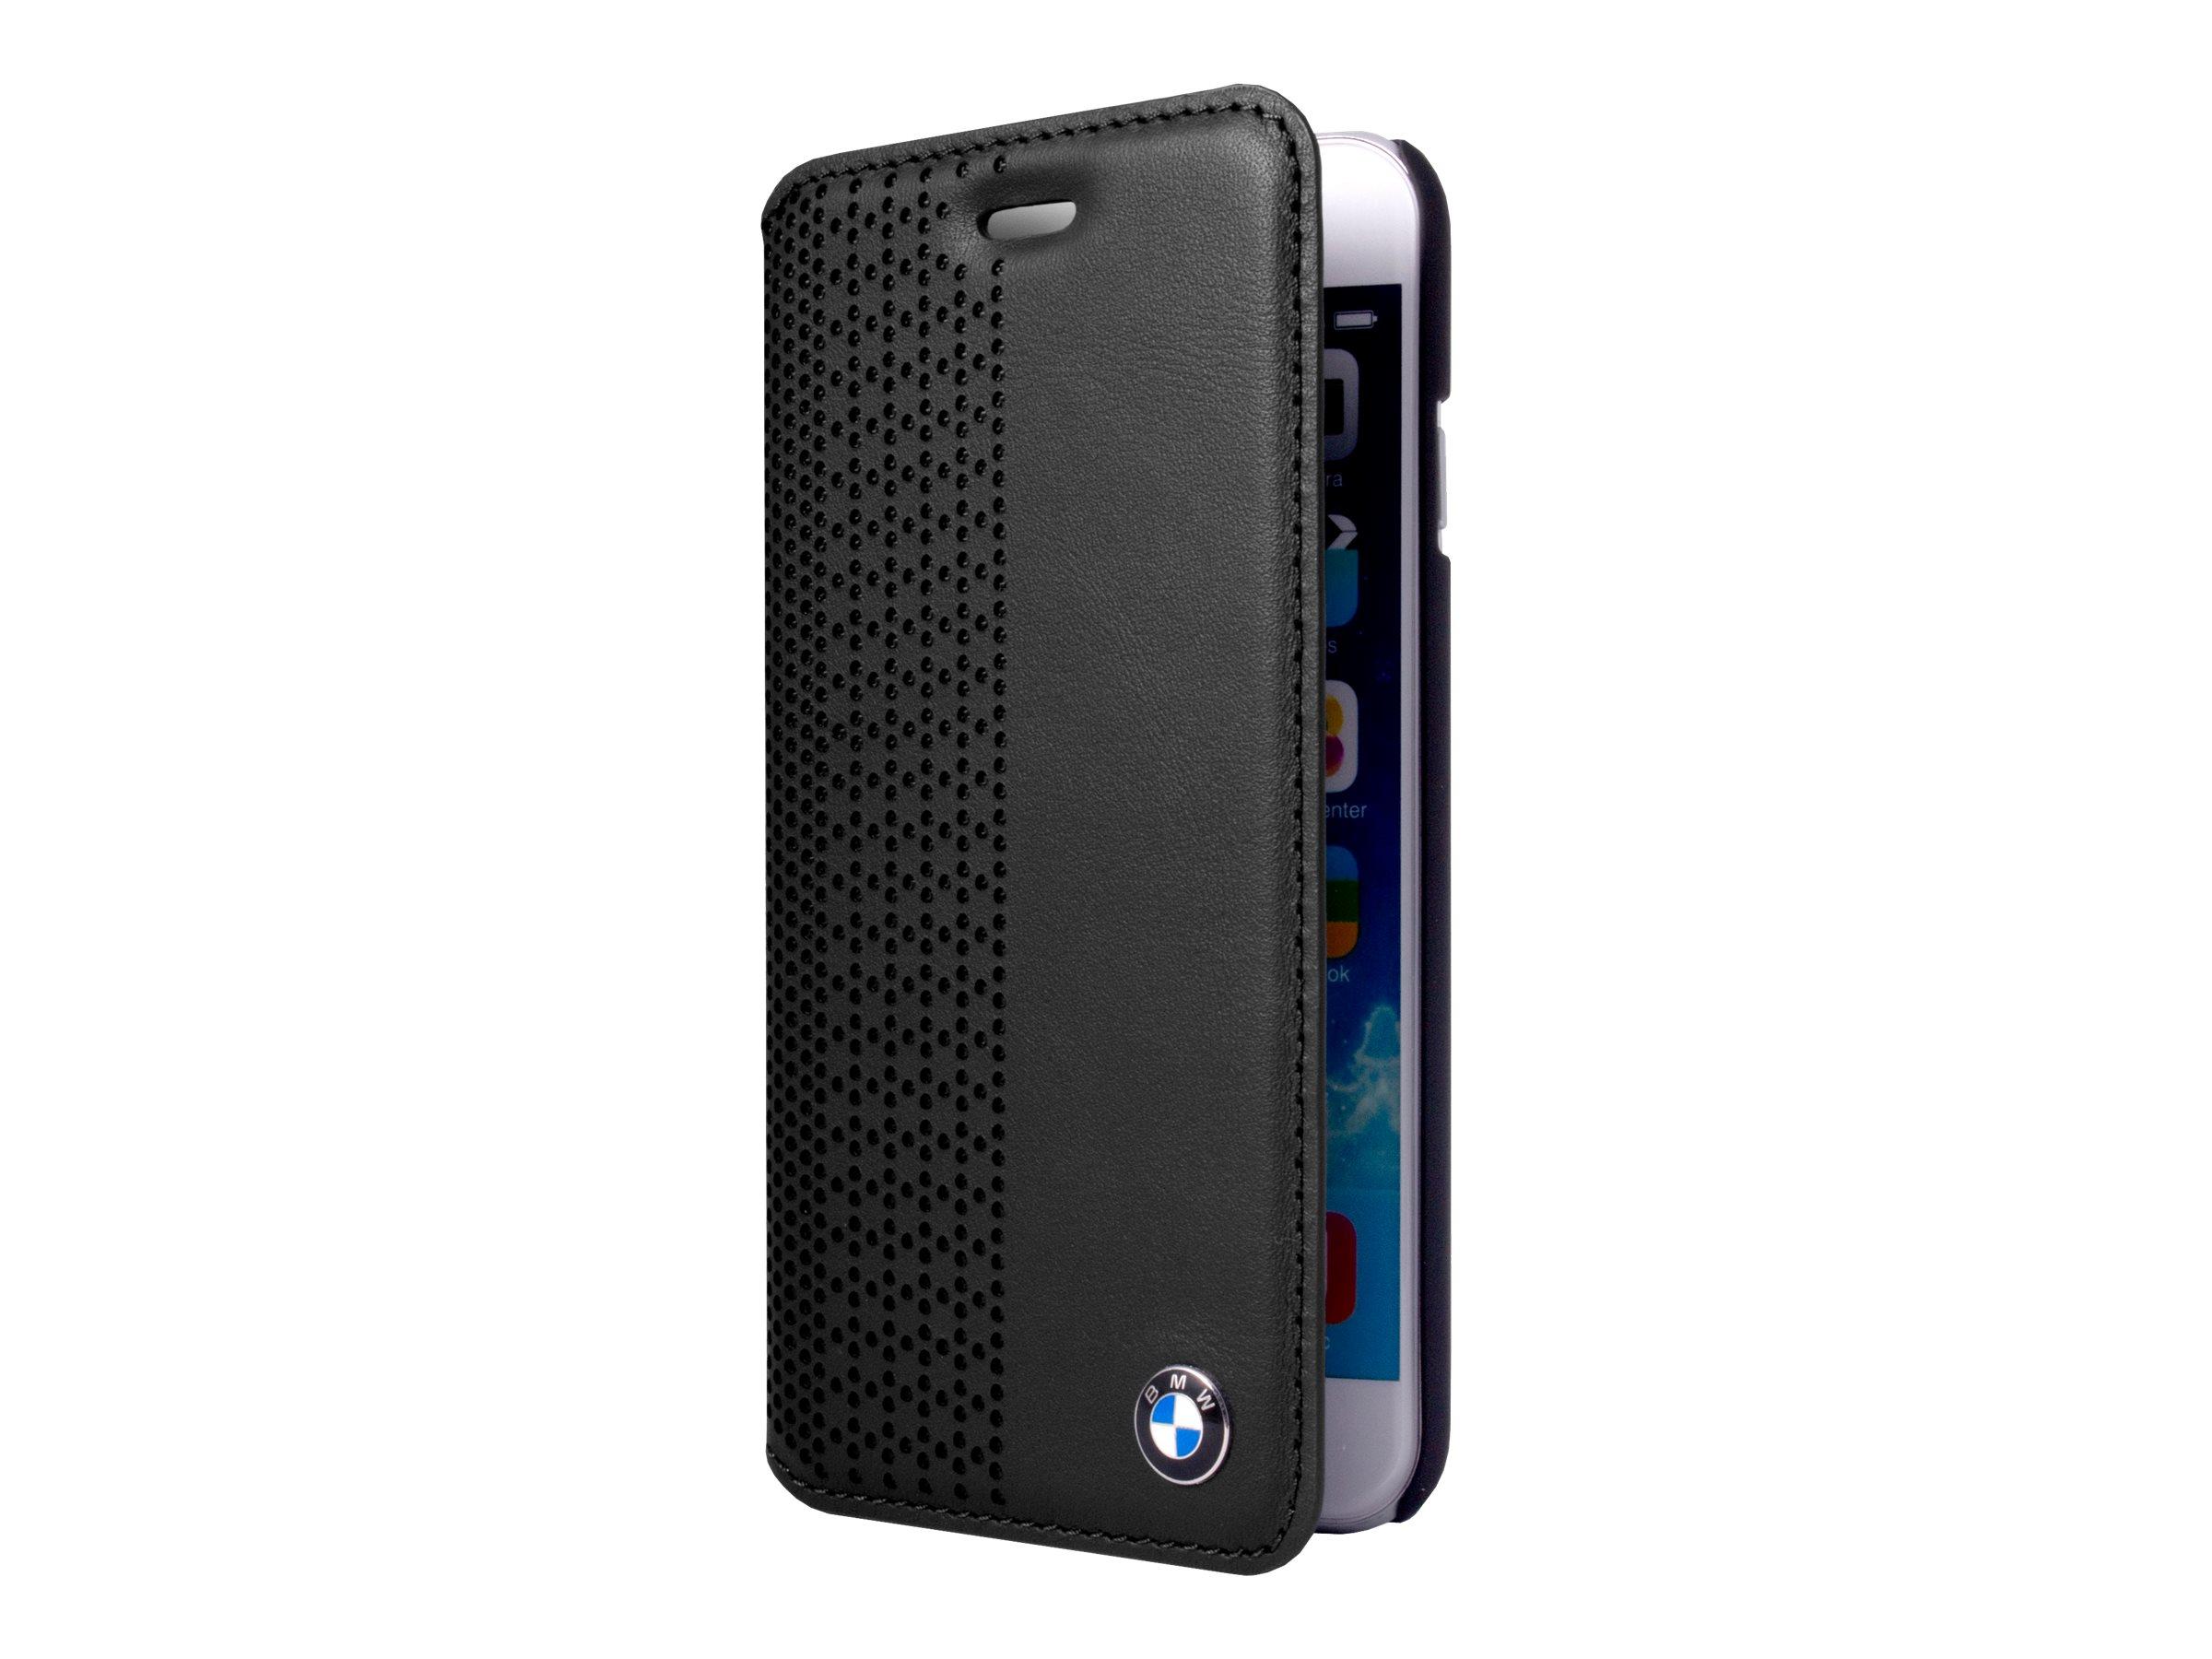 BMW - Protection à rabat pour iPhone - cuir véritable - noir - pour iPhone 5, 5s